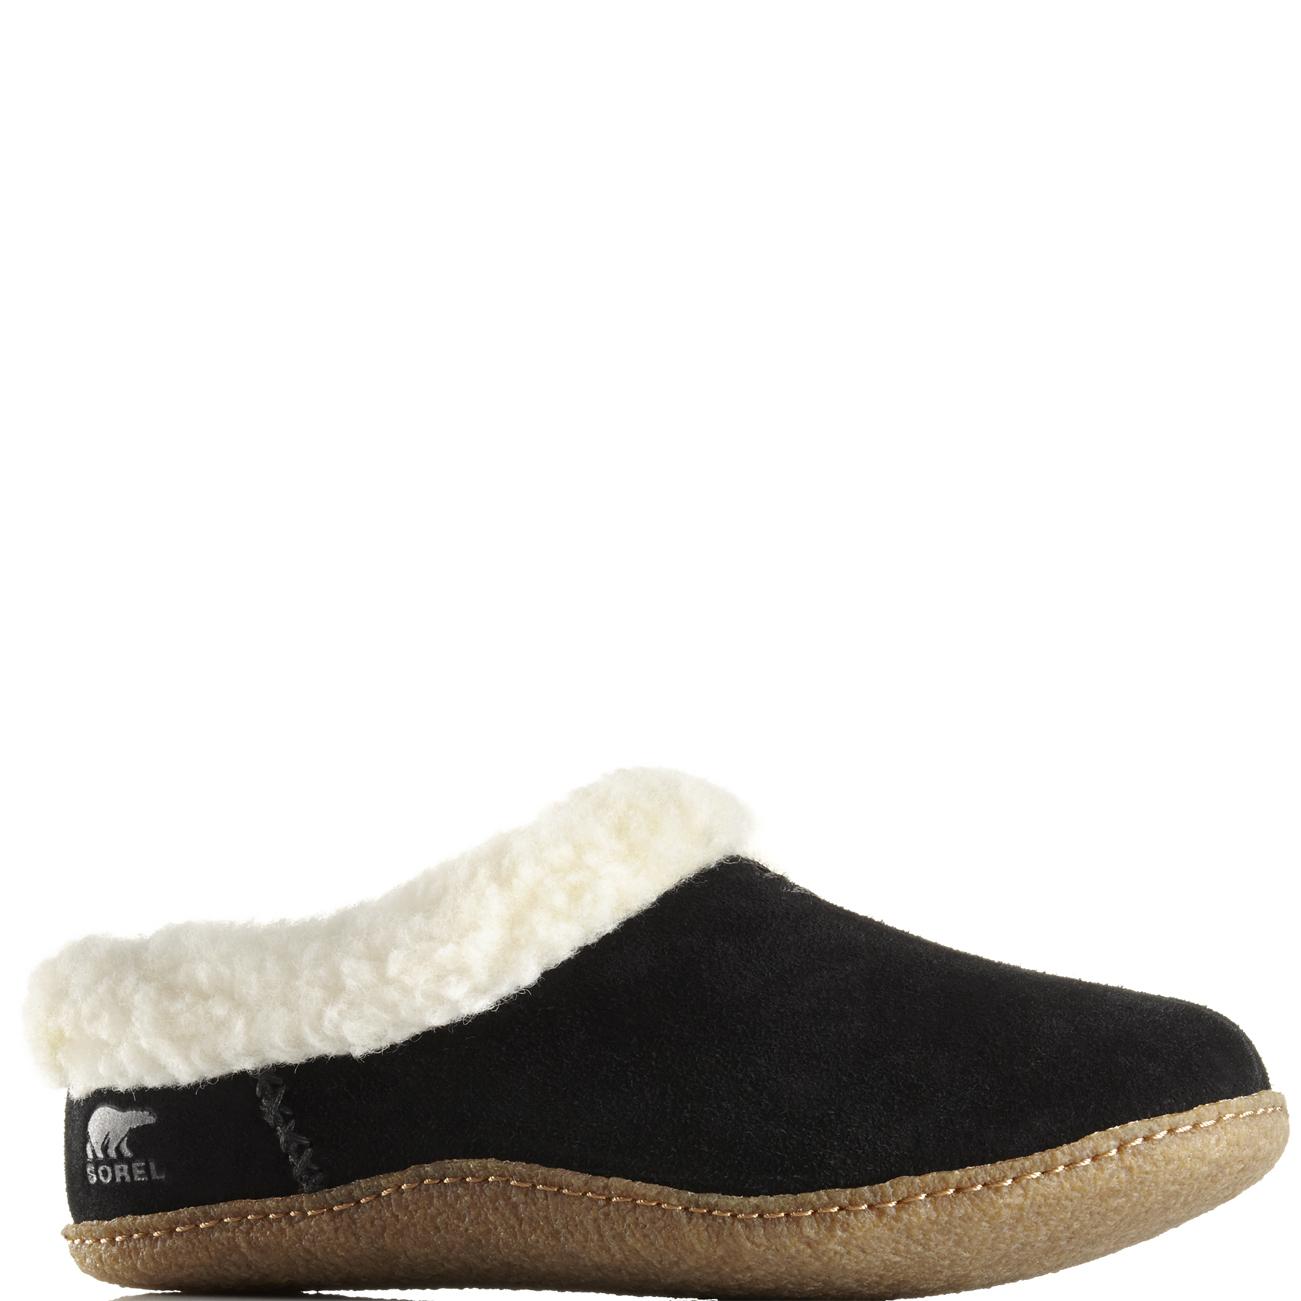 Da-Donna-Sorel-Nakiska-Slide-Inverno-Pelliccia-con-Muli-Pantofole-in-Pelle-Scamosciata-Scarpe-Uk-3-9